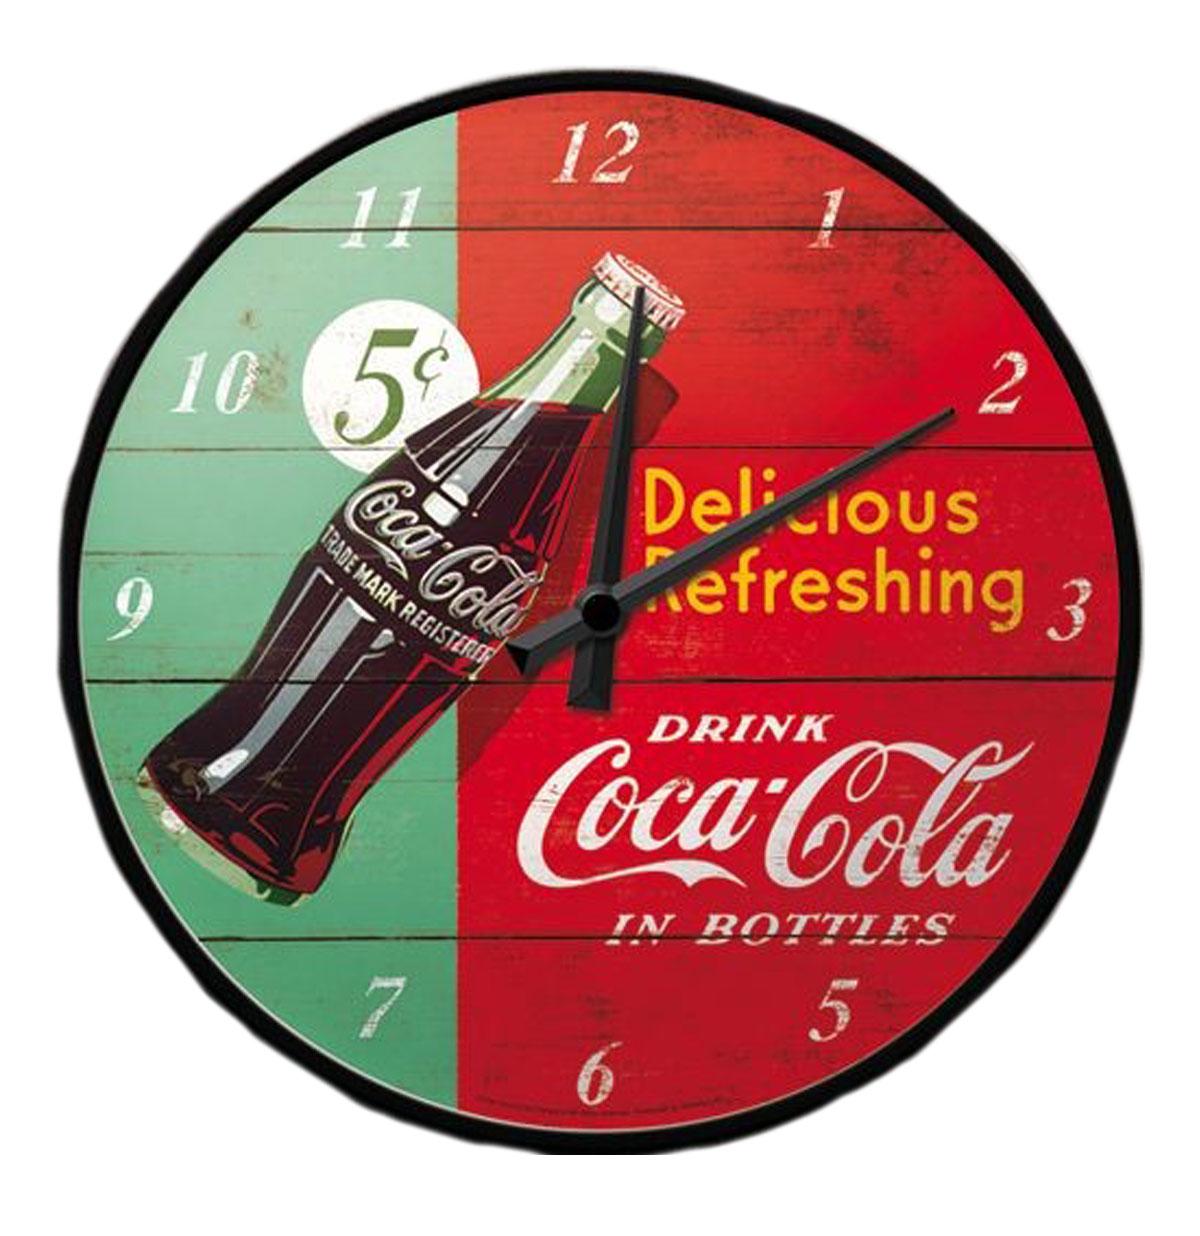 Wall Clock Coca-Cola Delicious Refreshing